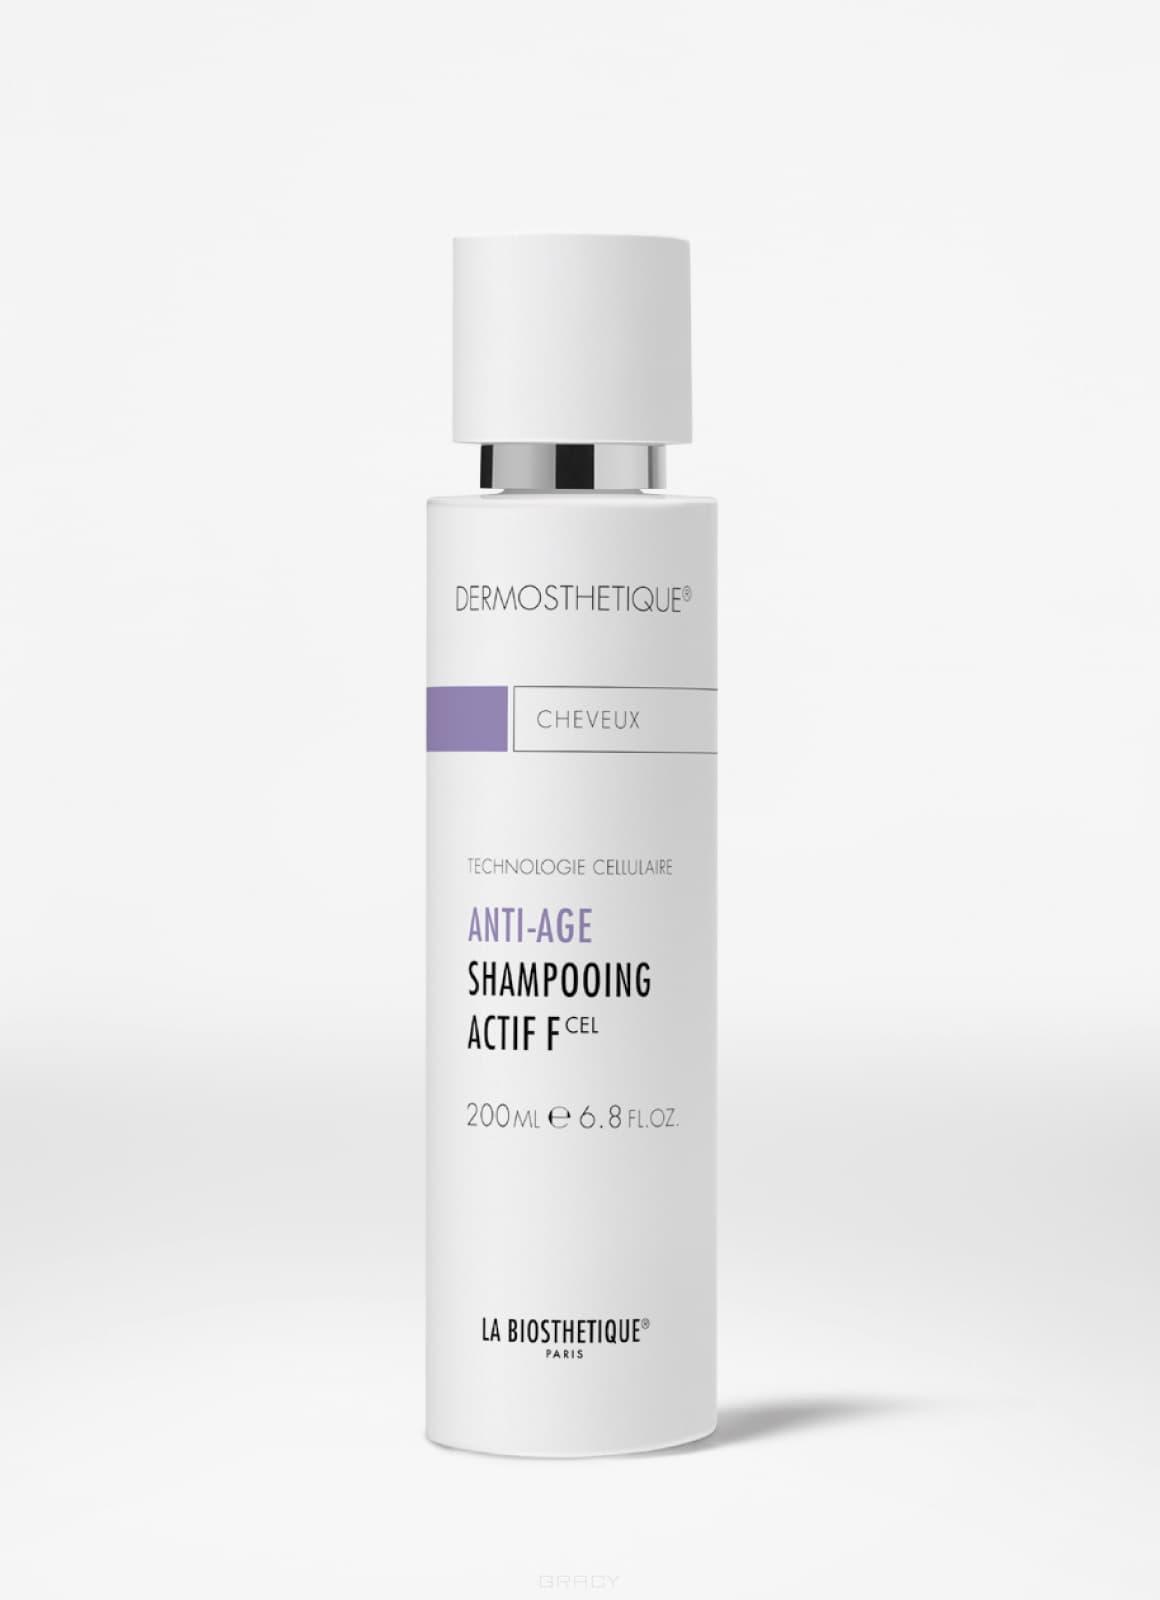 купить La Biosthetique Шампунь клеточно-активный для тонких волос Dermosthetique Anti-Age Shampooing Actif F, Шампунь клеточно-активный для тонких волос Dermosthetique Anti-Age Shampooing Actif F, 200 мл недорого